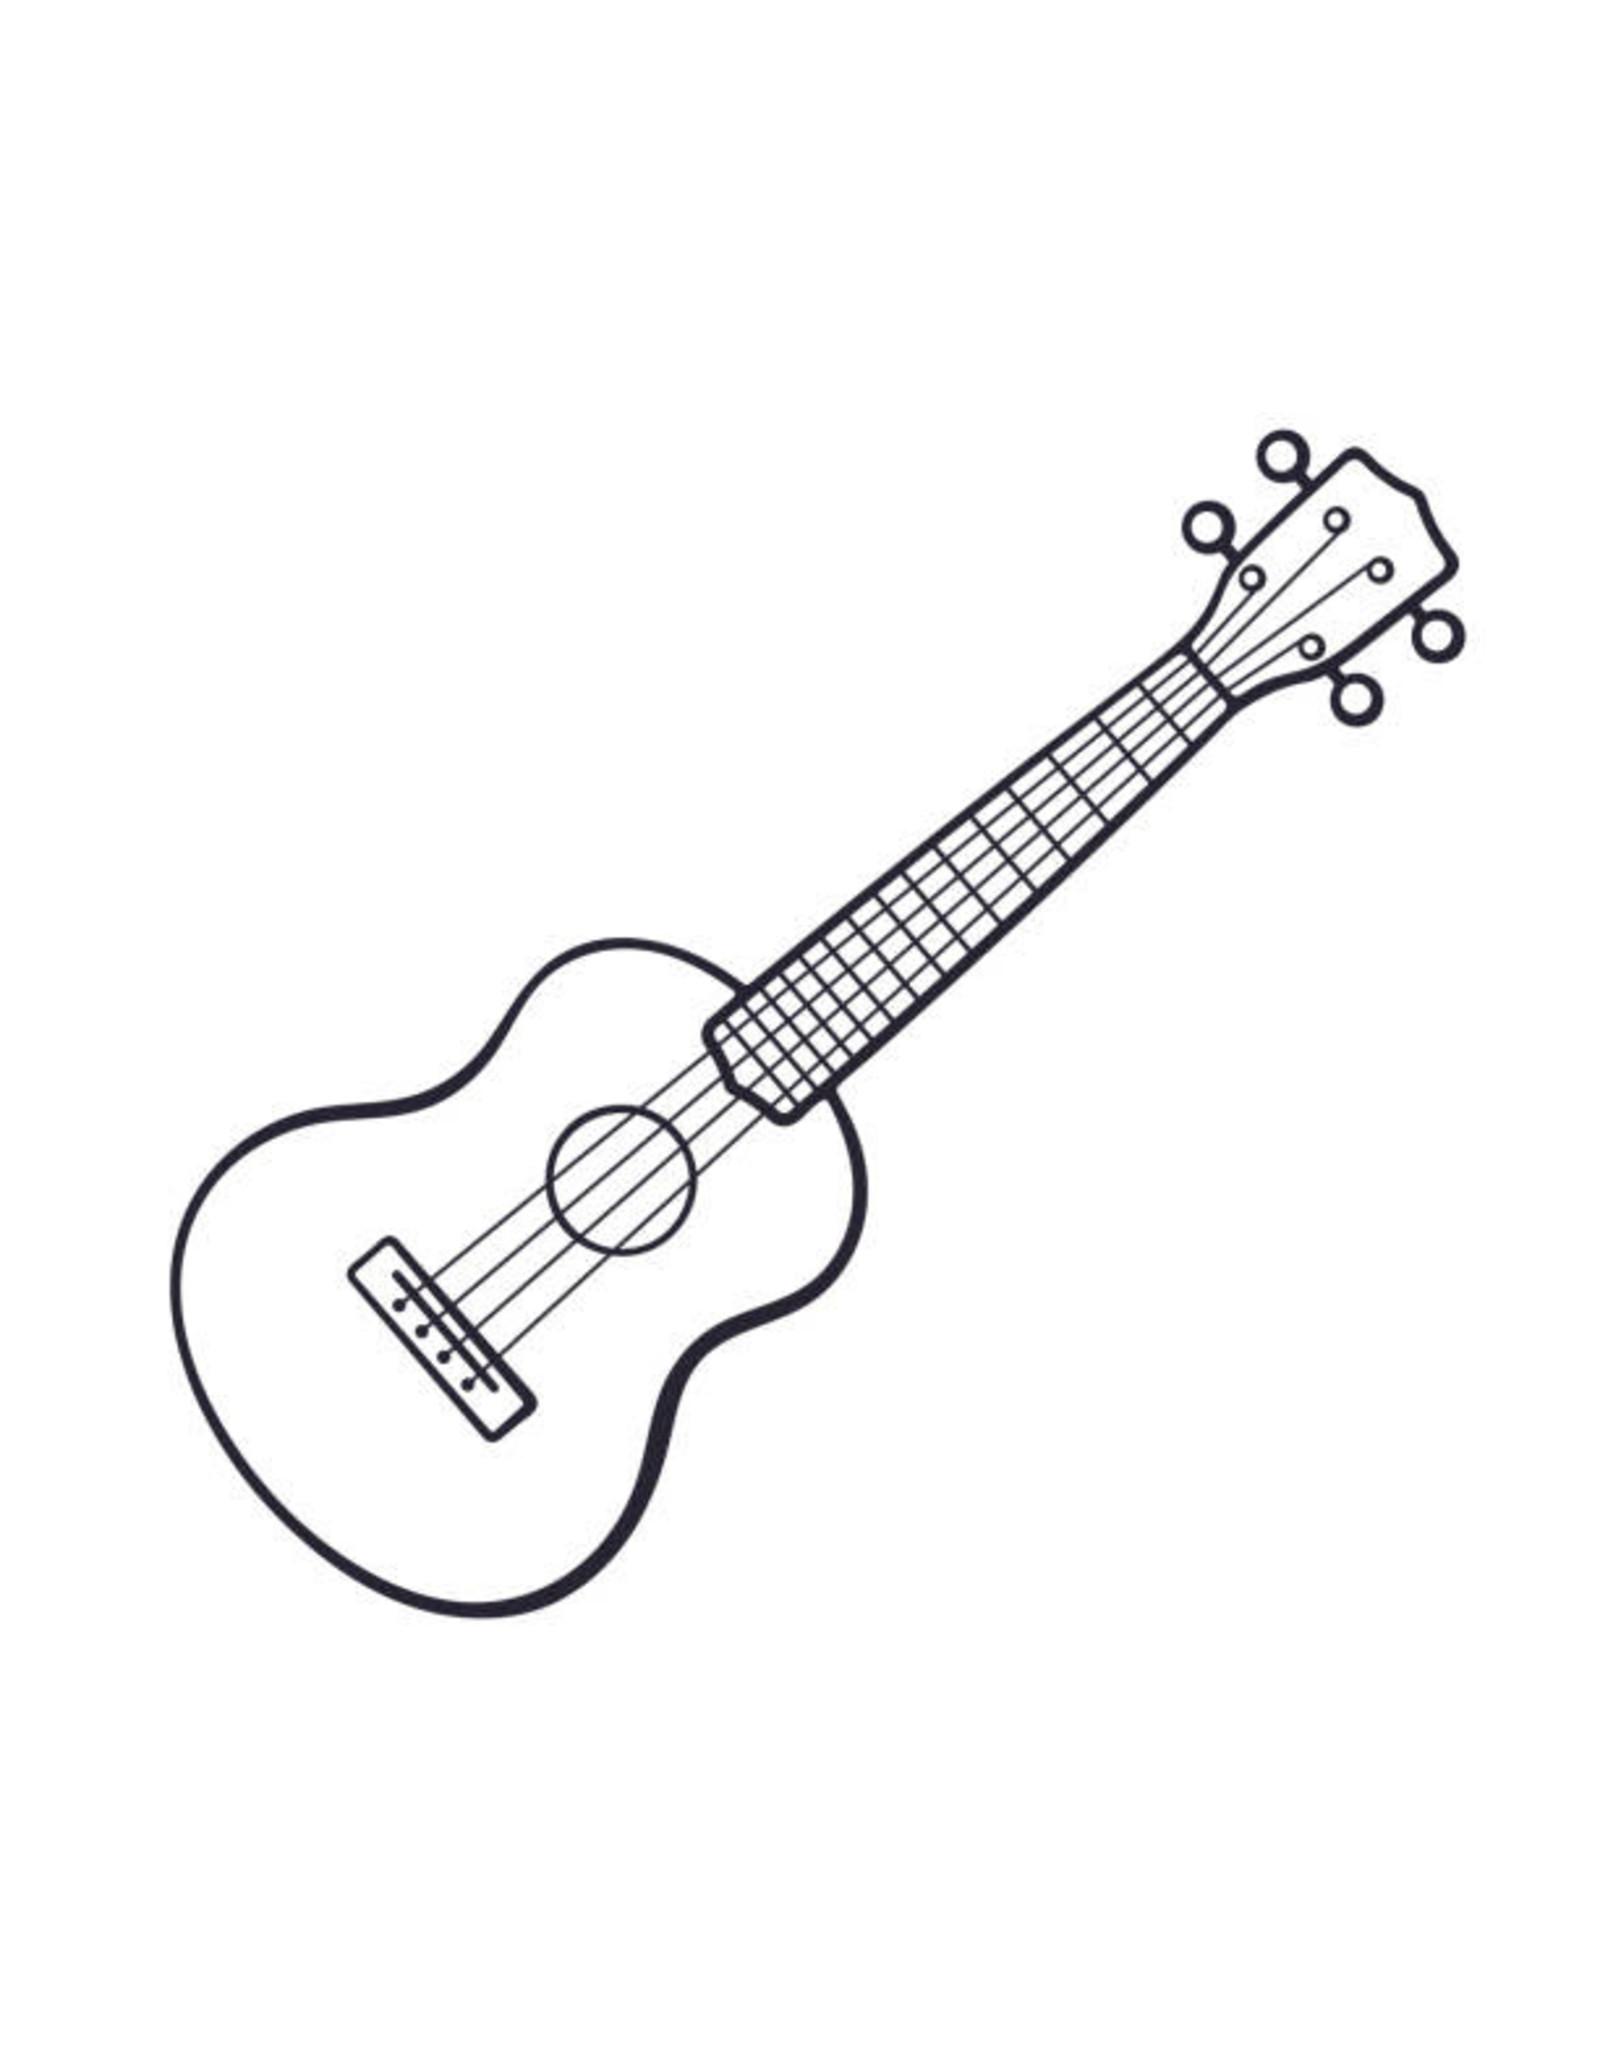 Bountiful Music Ukulele II A - Summer Ukulele Group Class June 21 - July 2 (MWF) 11:00AM-11:50AM - without Book